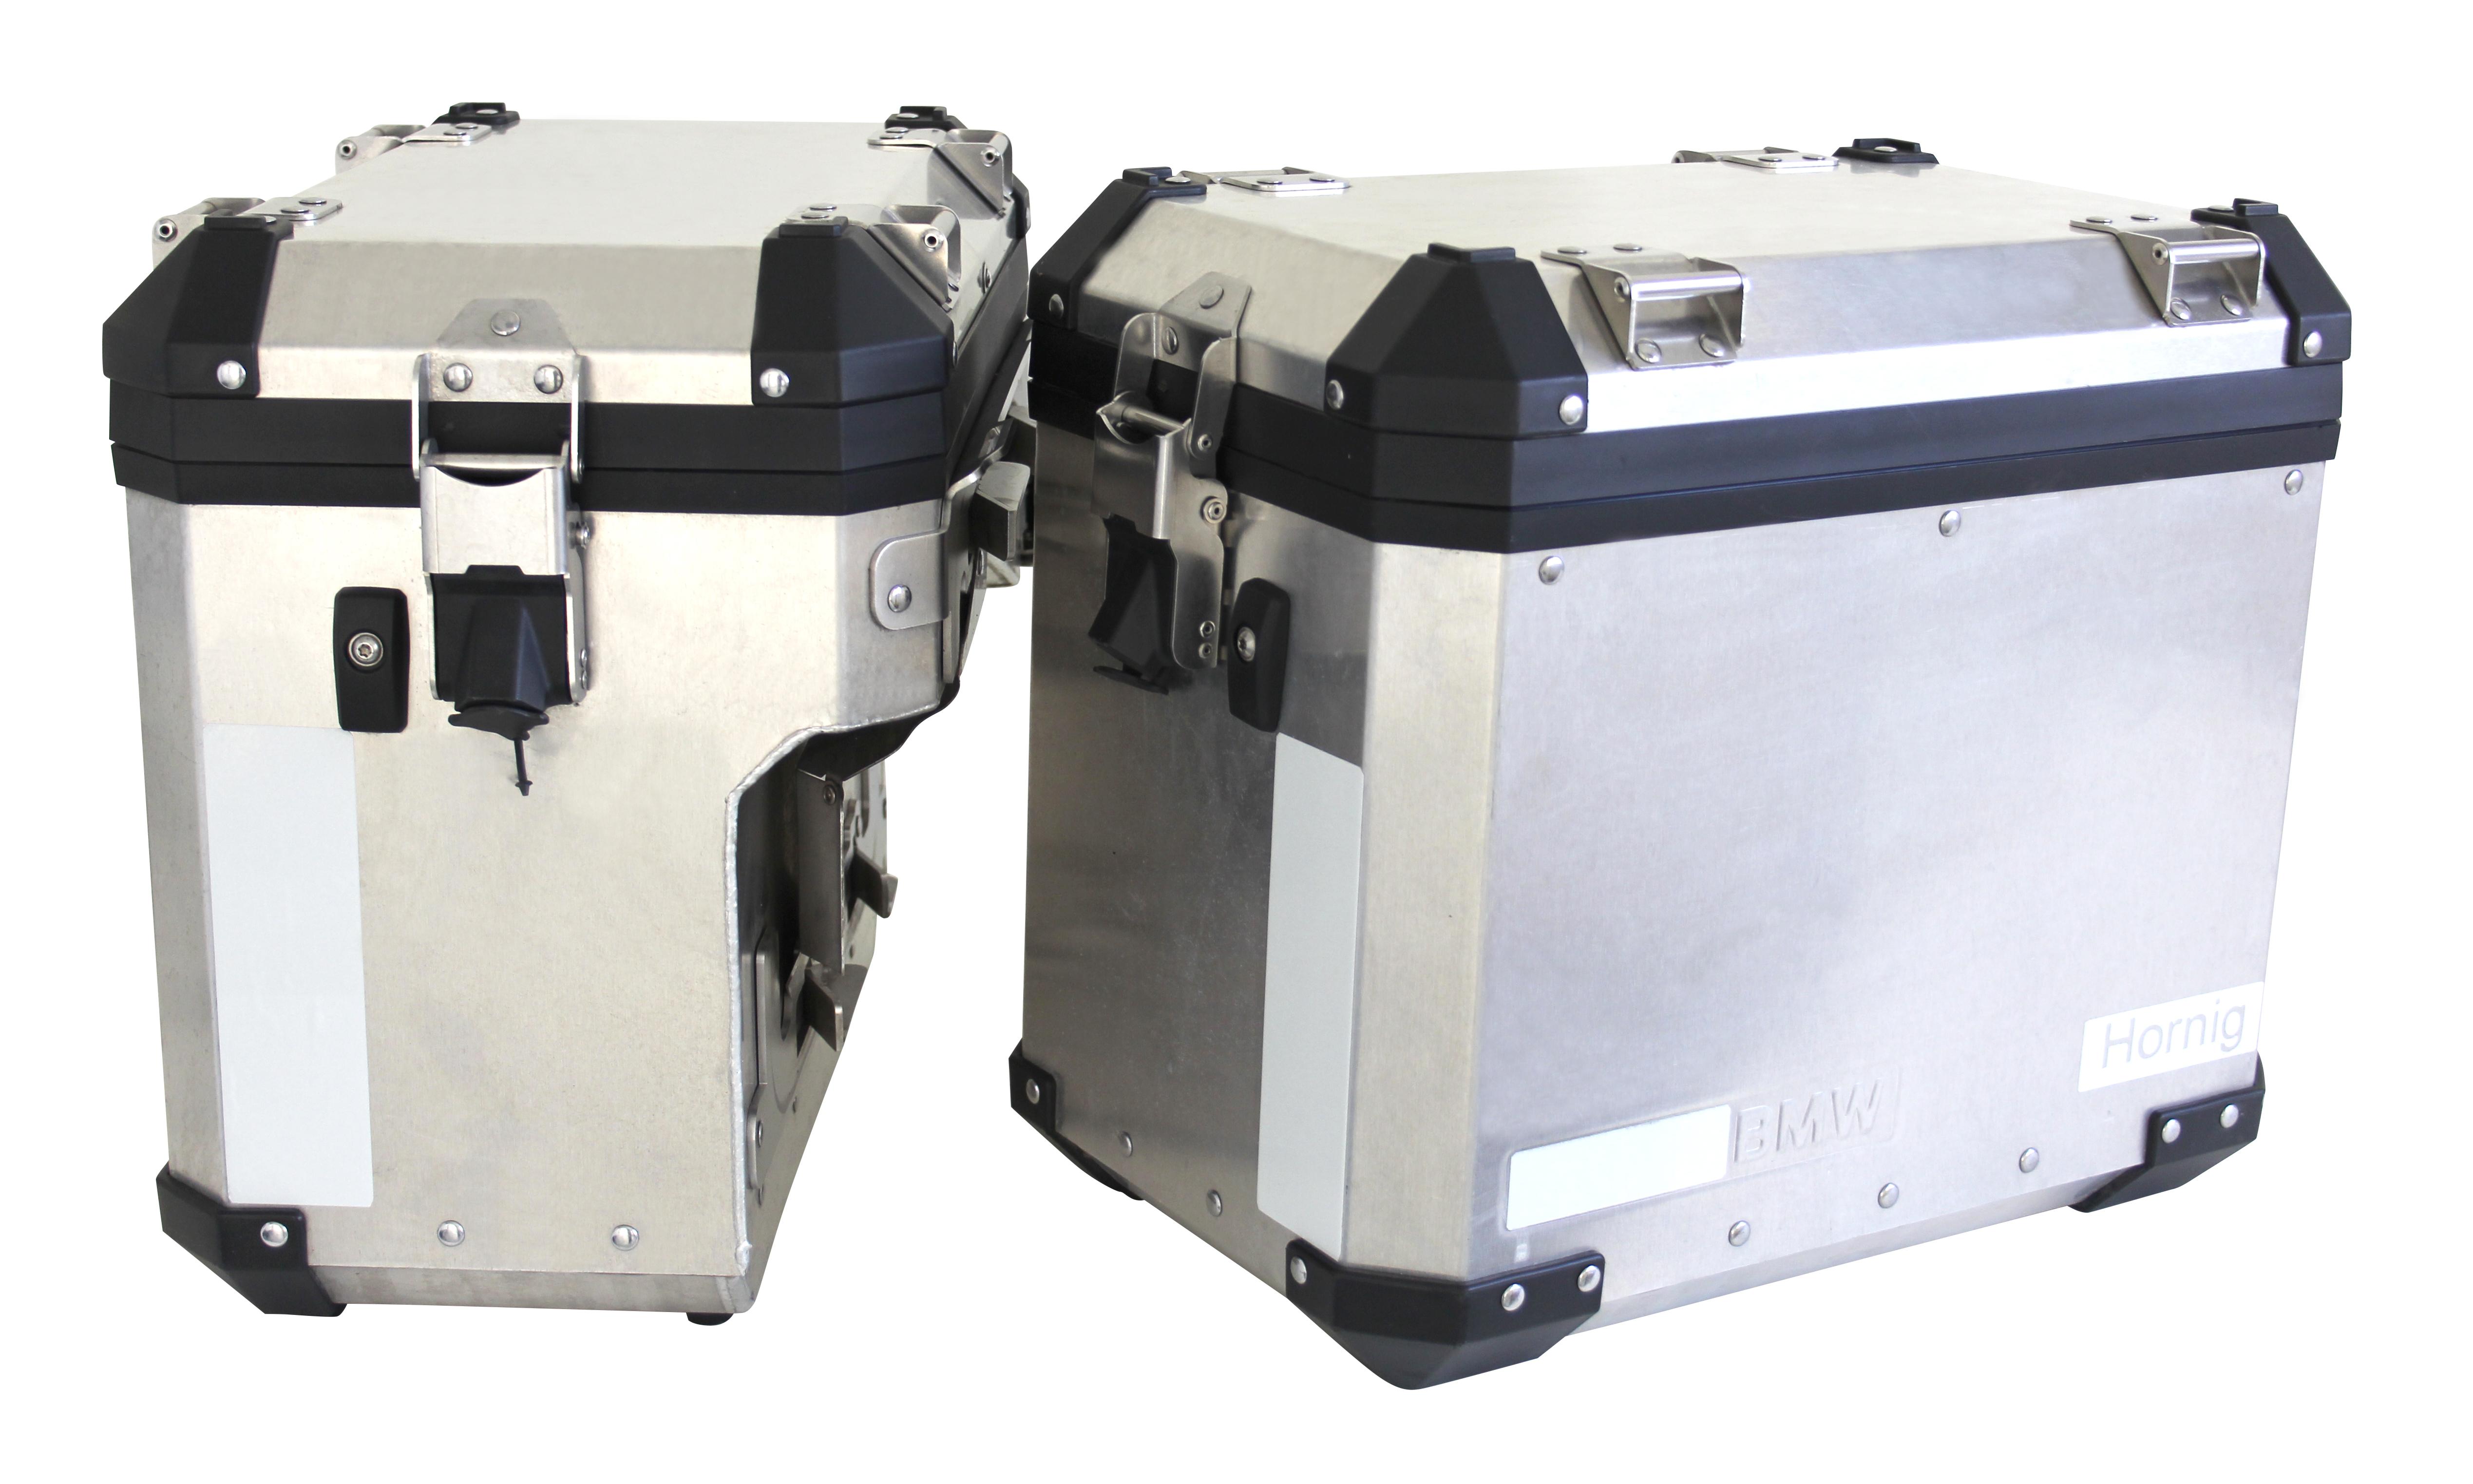 Big Husky - nový model kufrov pre r.2013 EVO-4 Reflektionsfolien-2g